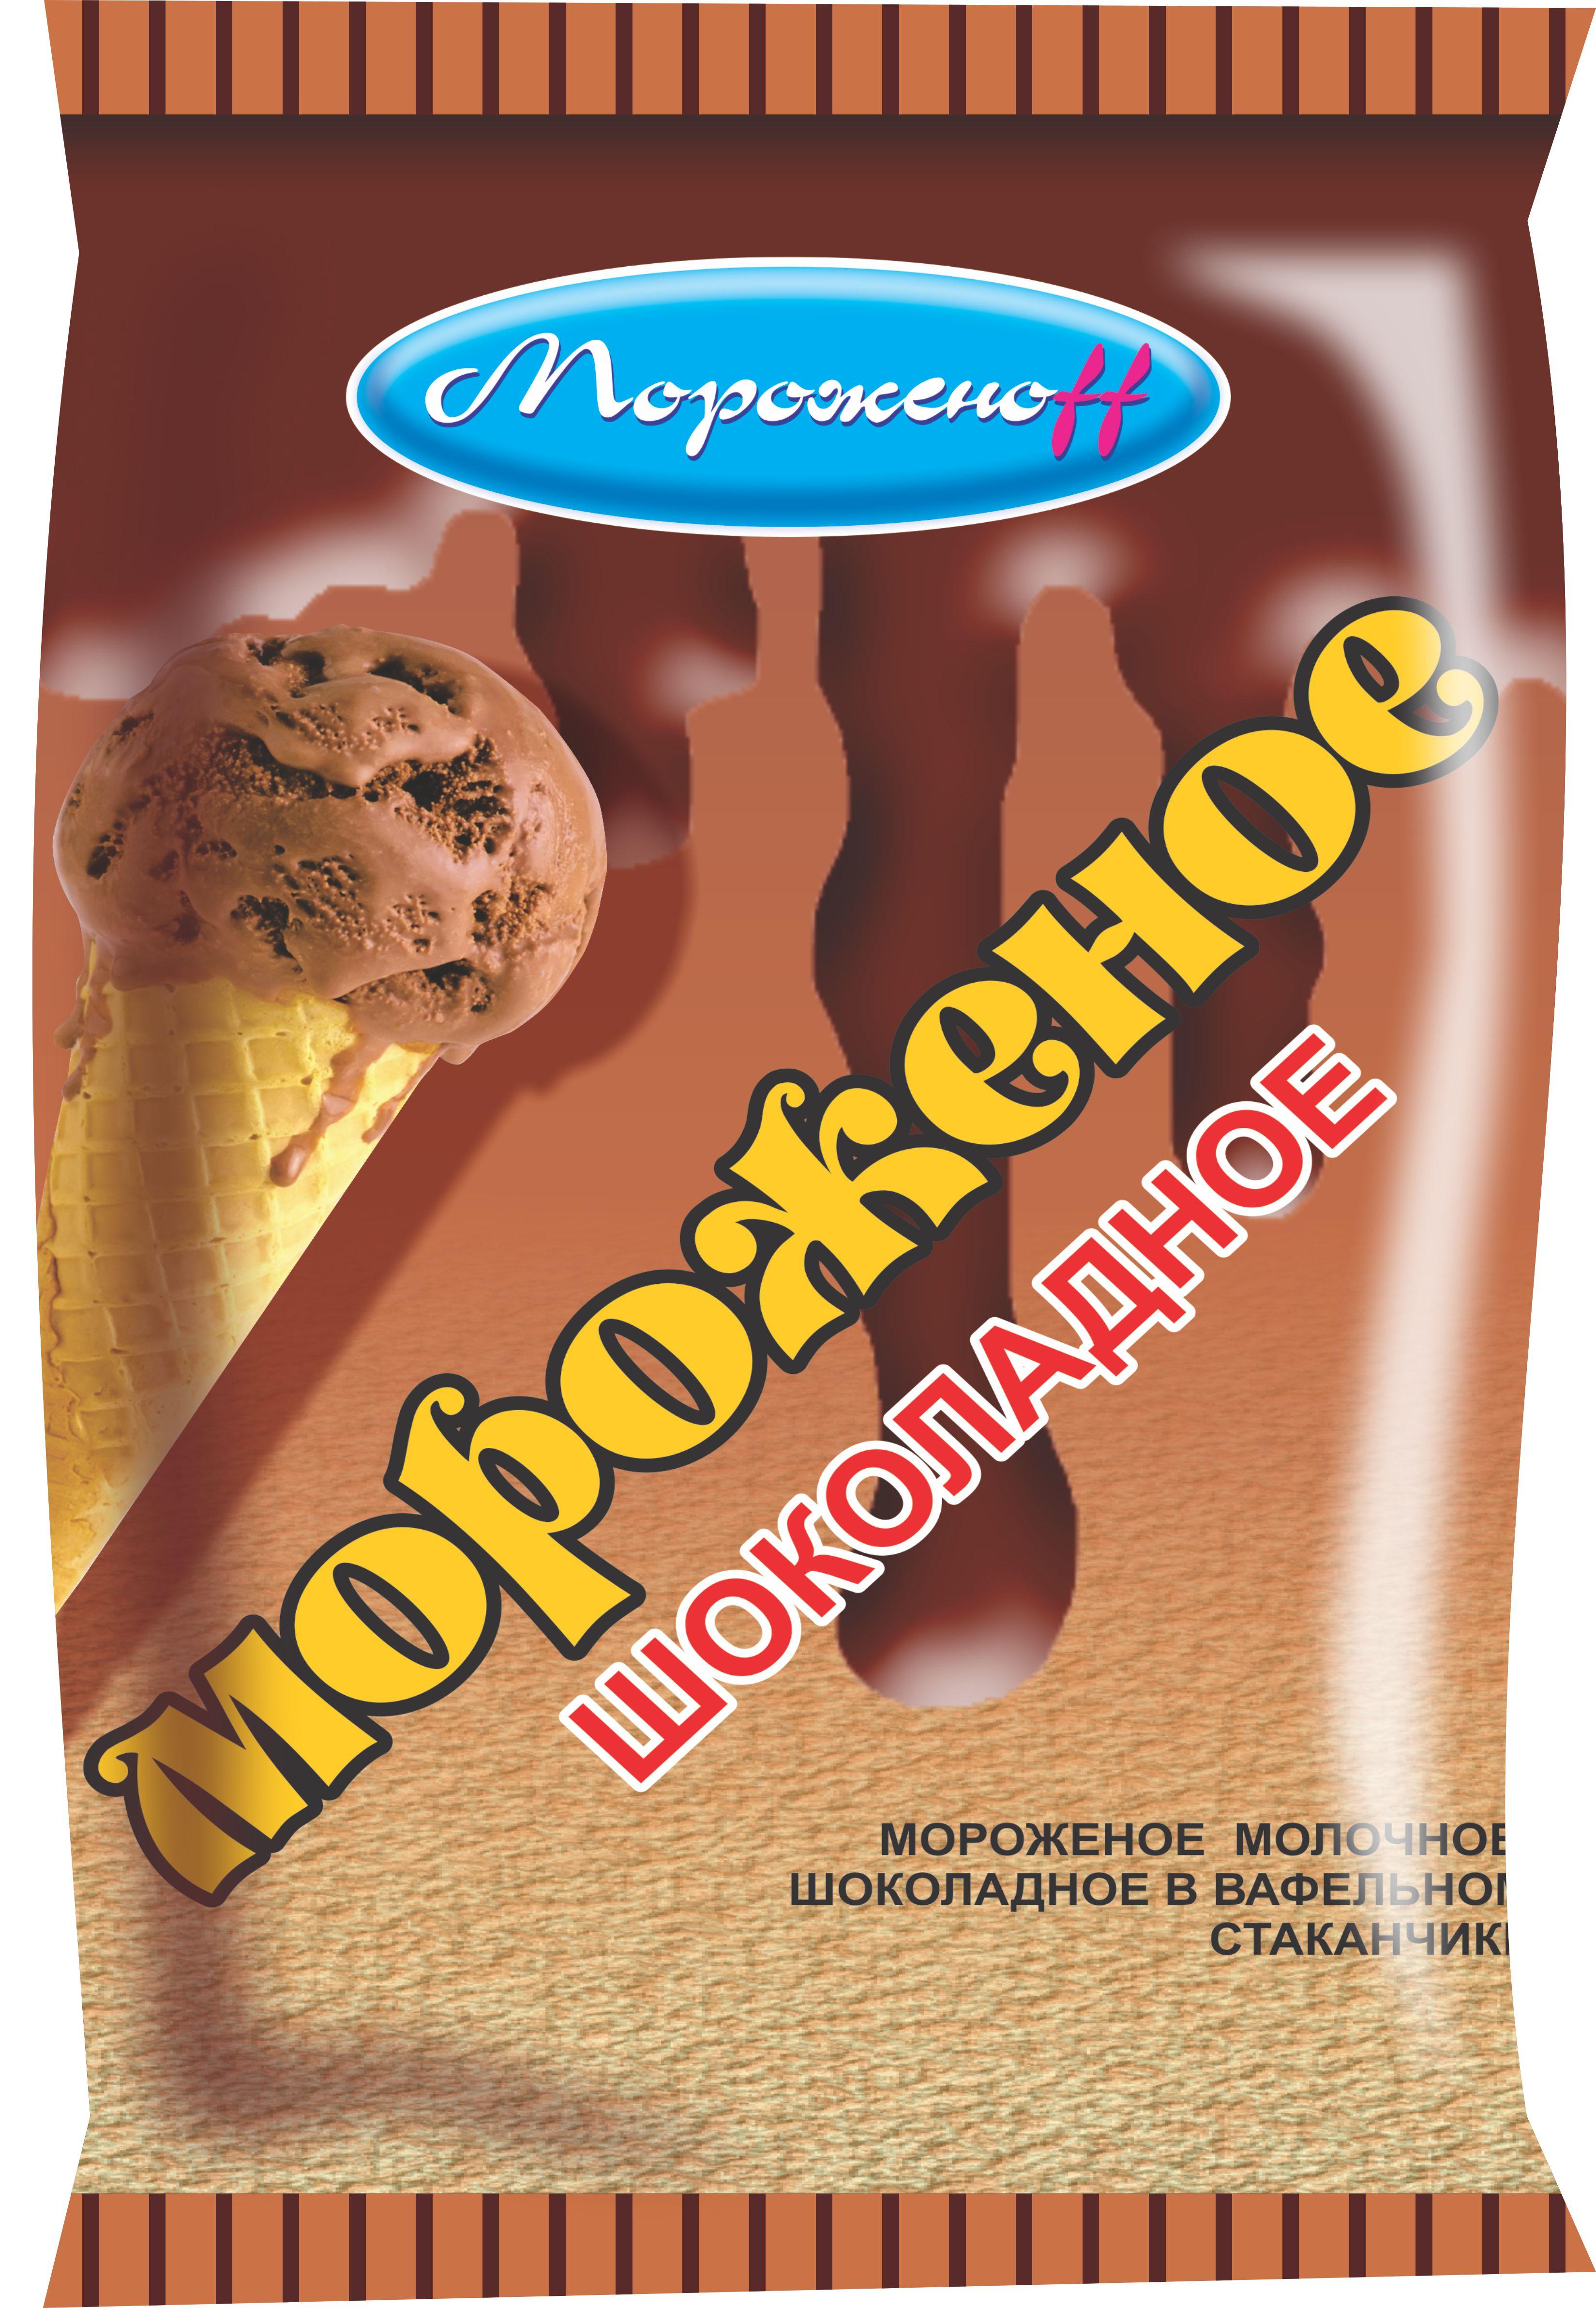 Разработка дизайна для упаковки мороженого фото f_700530464213d762.jpg